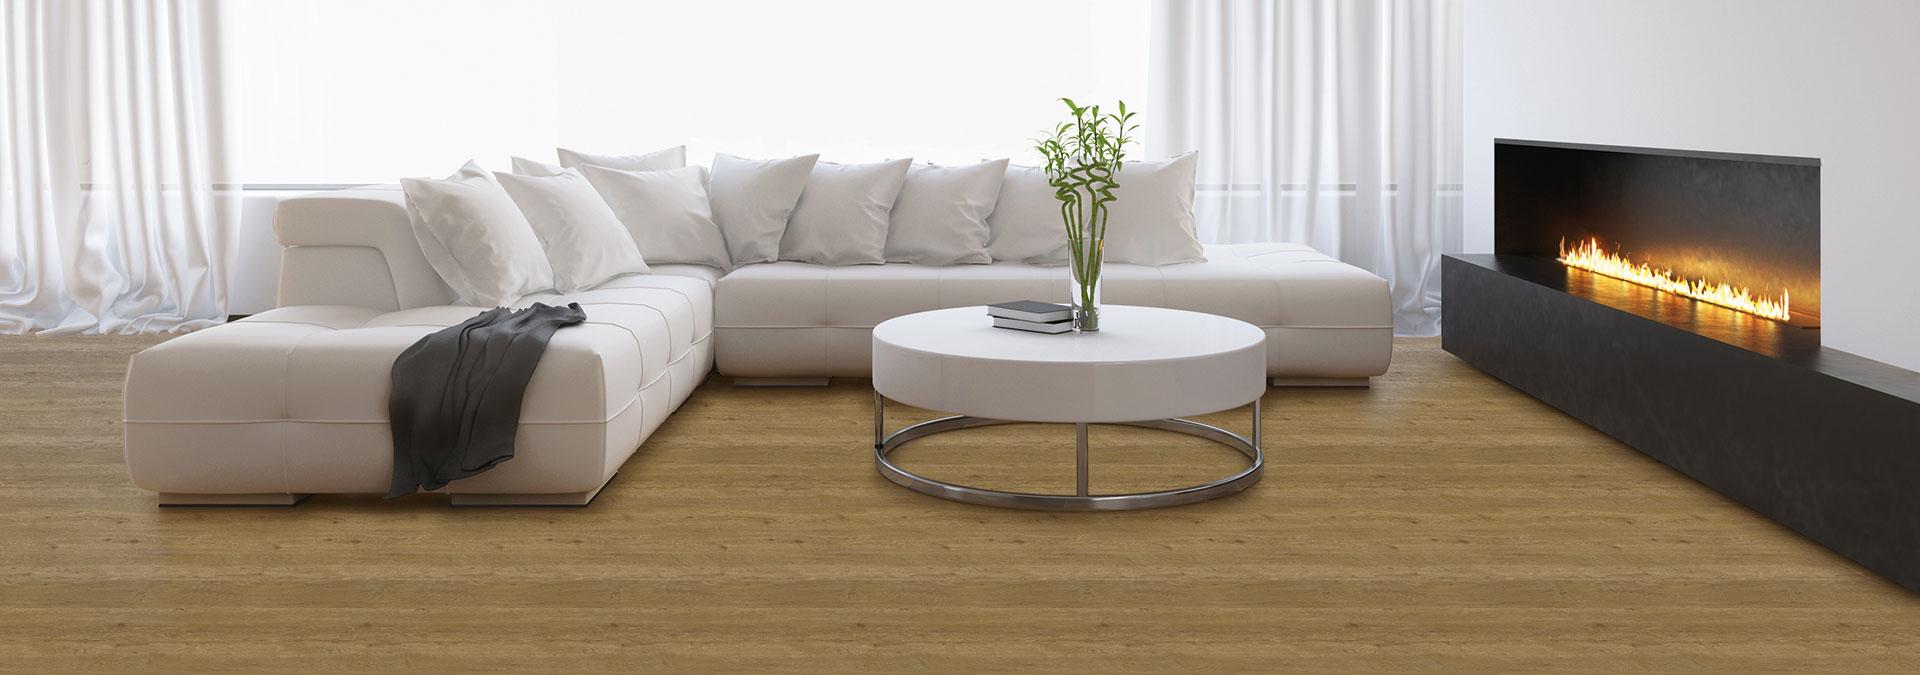 Designboden Eiche Scape im Wohnzimmer